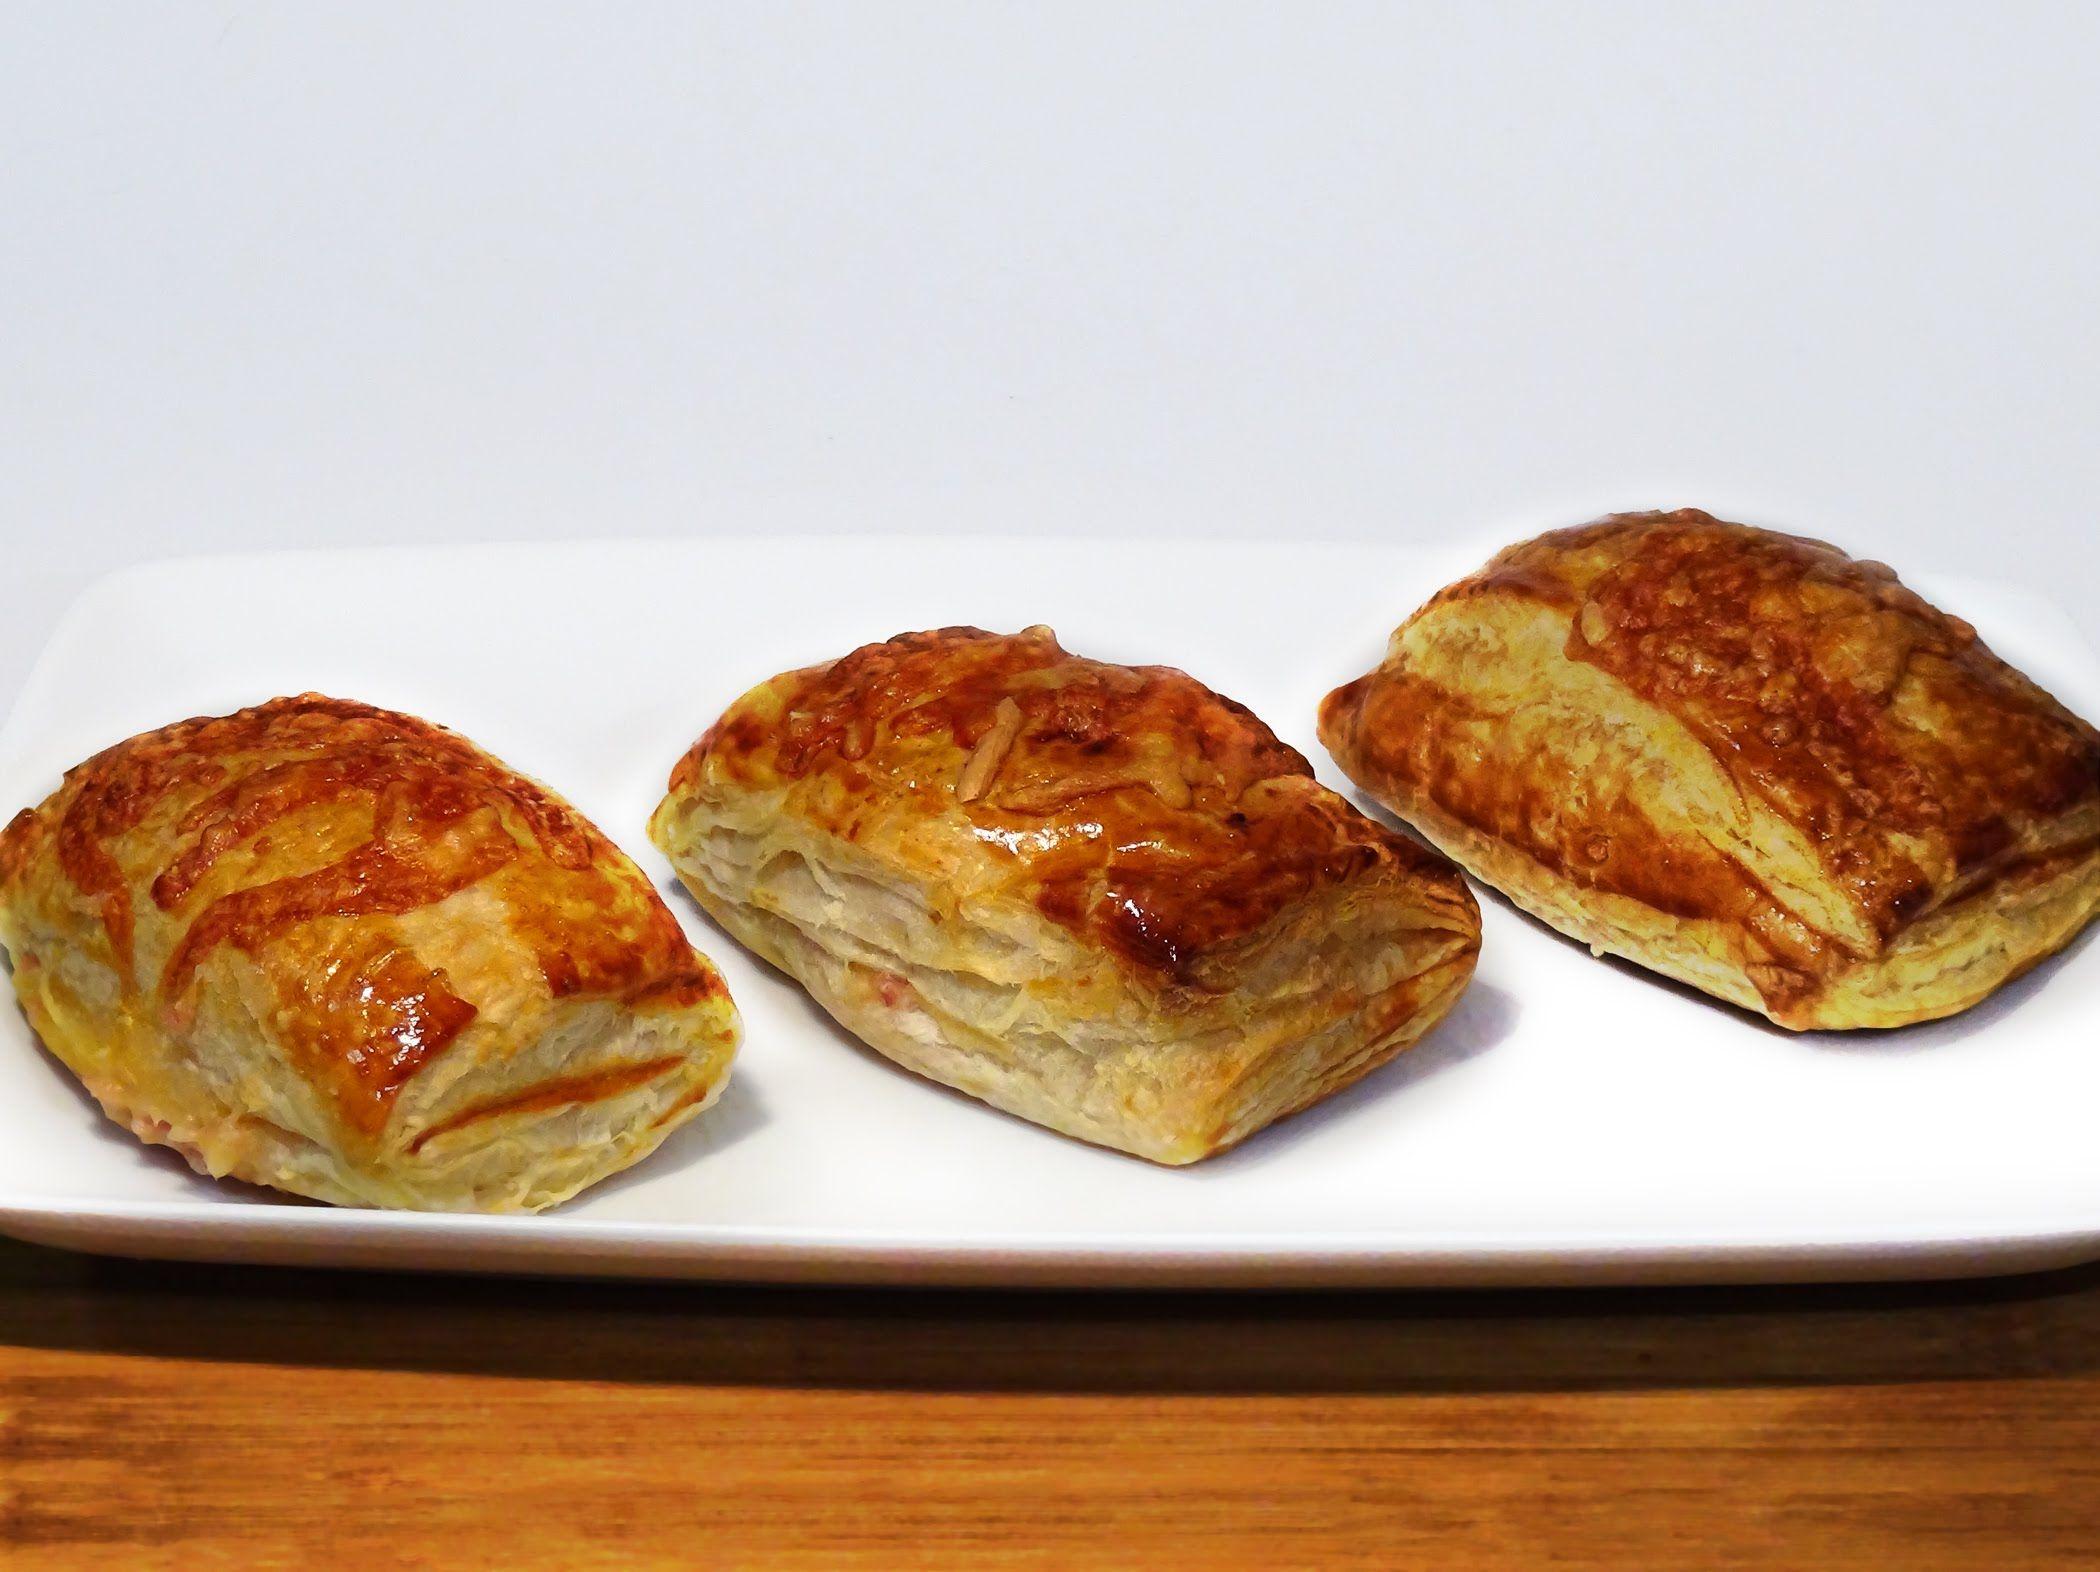 Receta Napolitanas De Jamón York Y Queso Recetas De Cocina Paso A Paso Tutorial Recetas De Cocina Recetas Con Queso Recetas De Cocina Casera